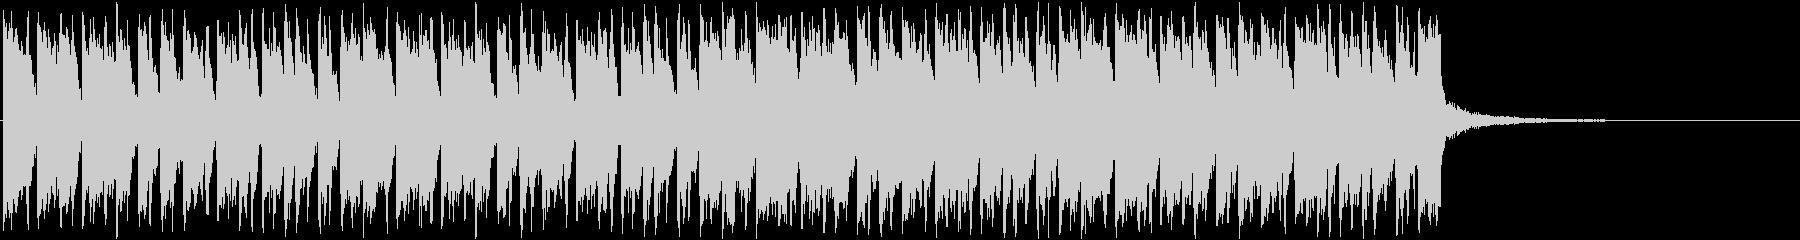 ギター/カラフル/シティーポップの未再生の波形